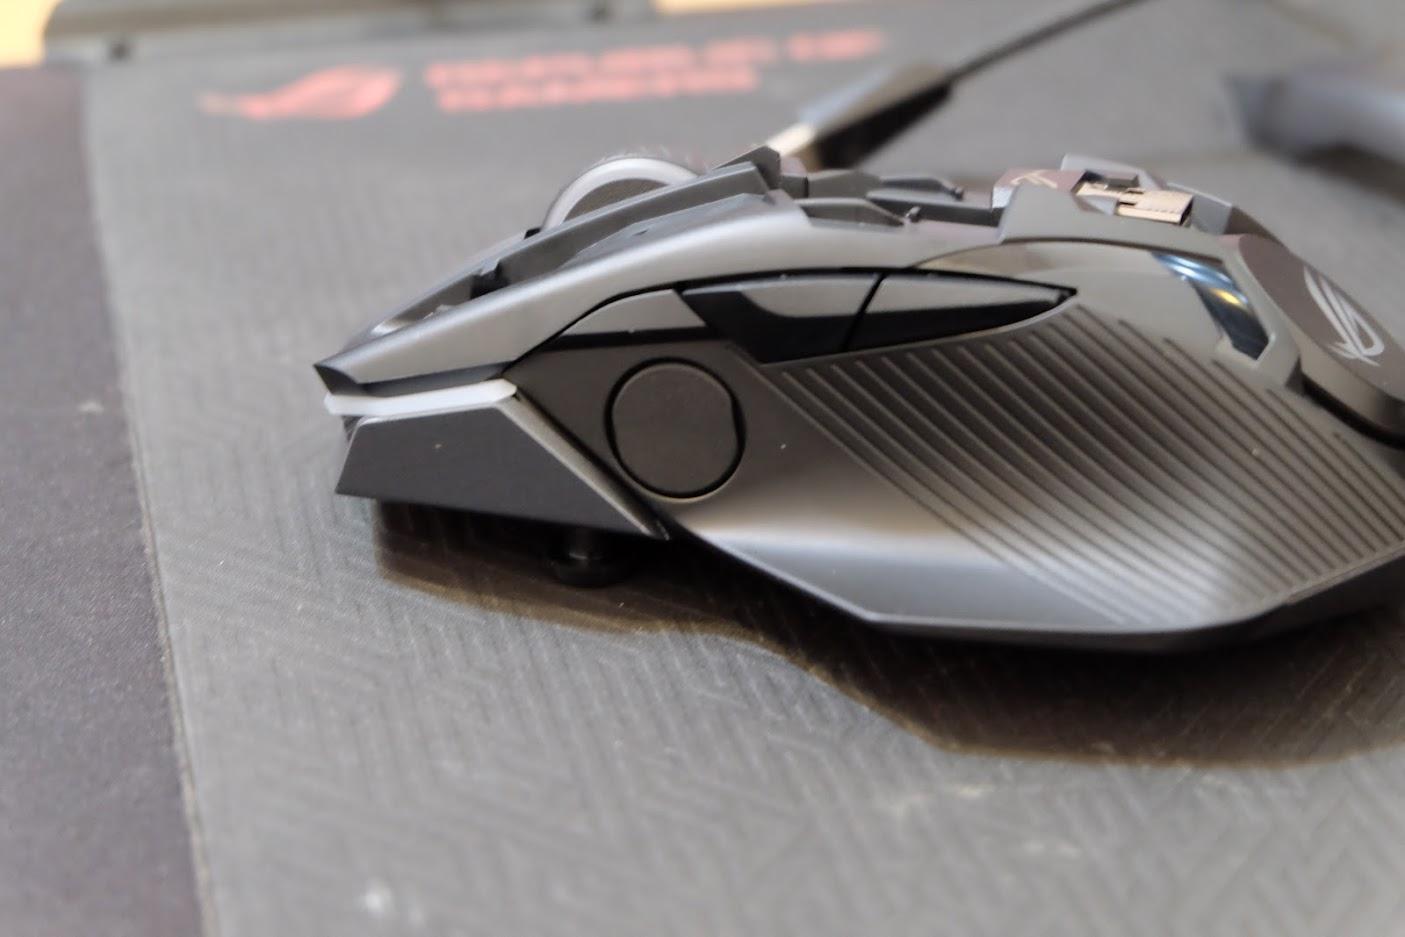 無限變化 無線更順手 ASUS ROG CHAKRAM 無線三模電競滑鼠